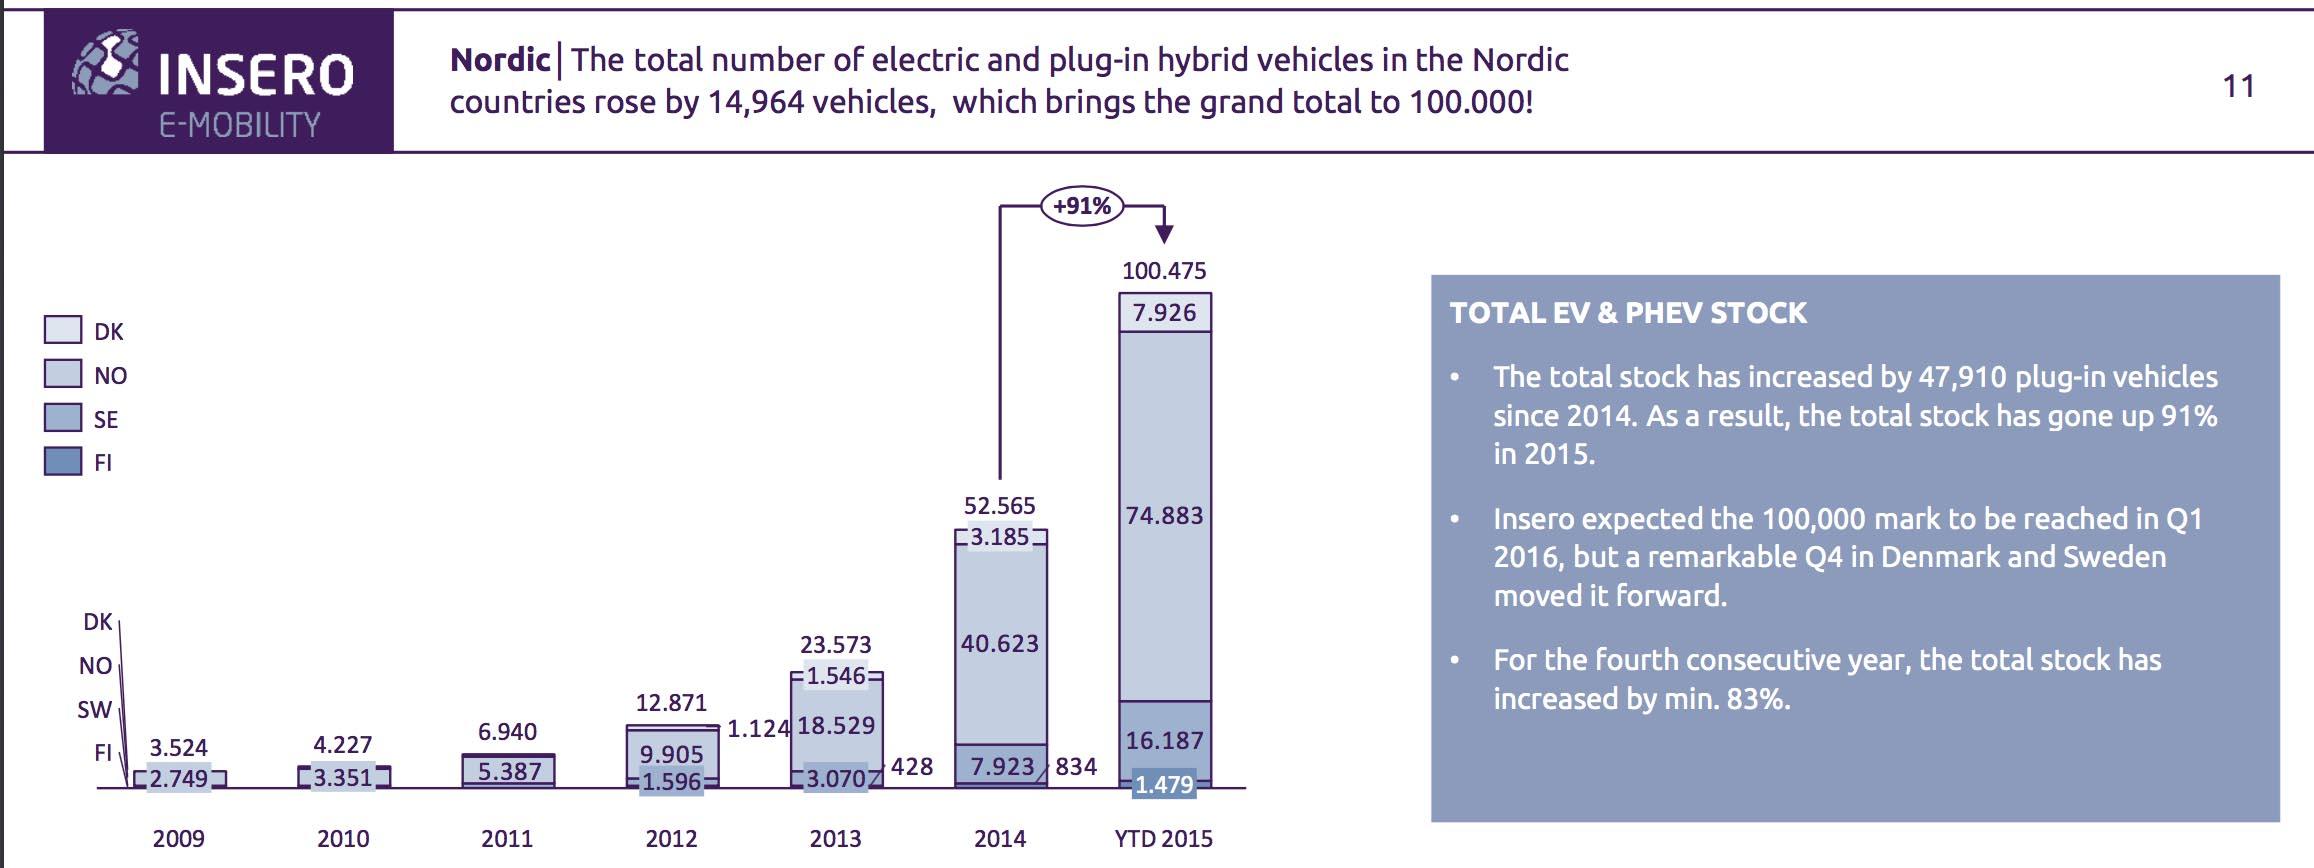 blogg 20160215 statistikk norden 800